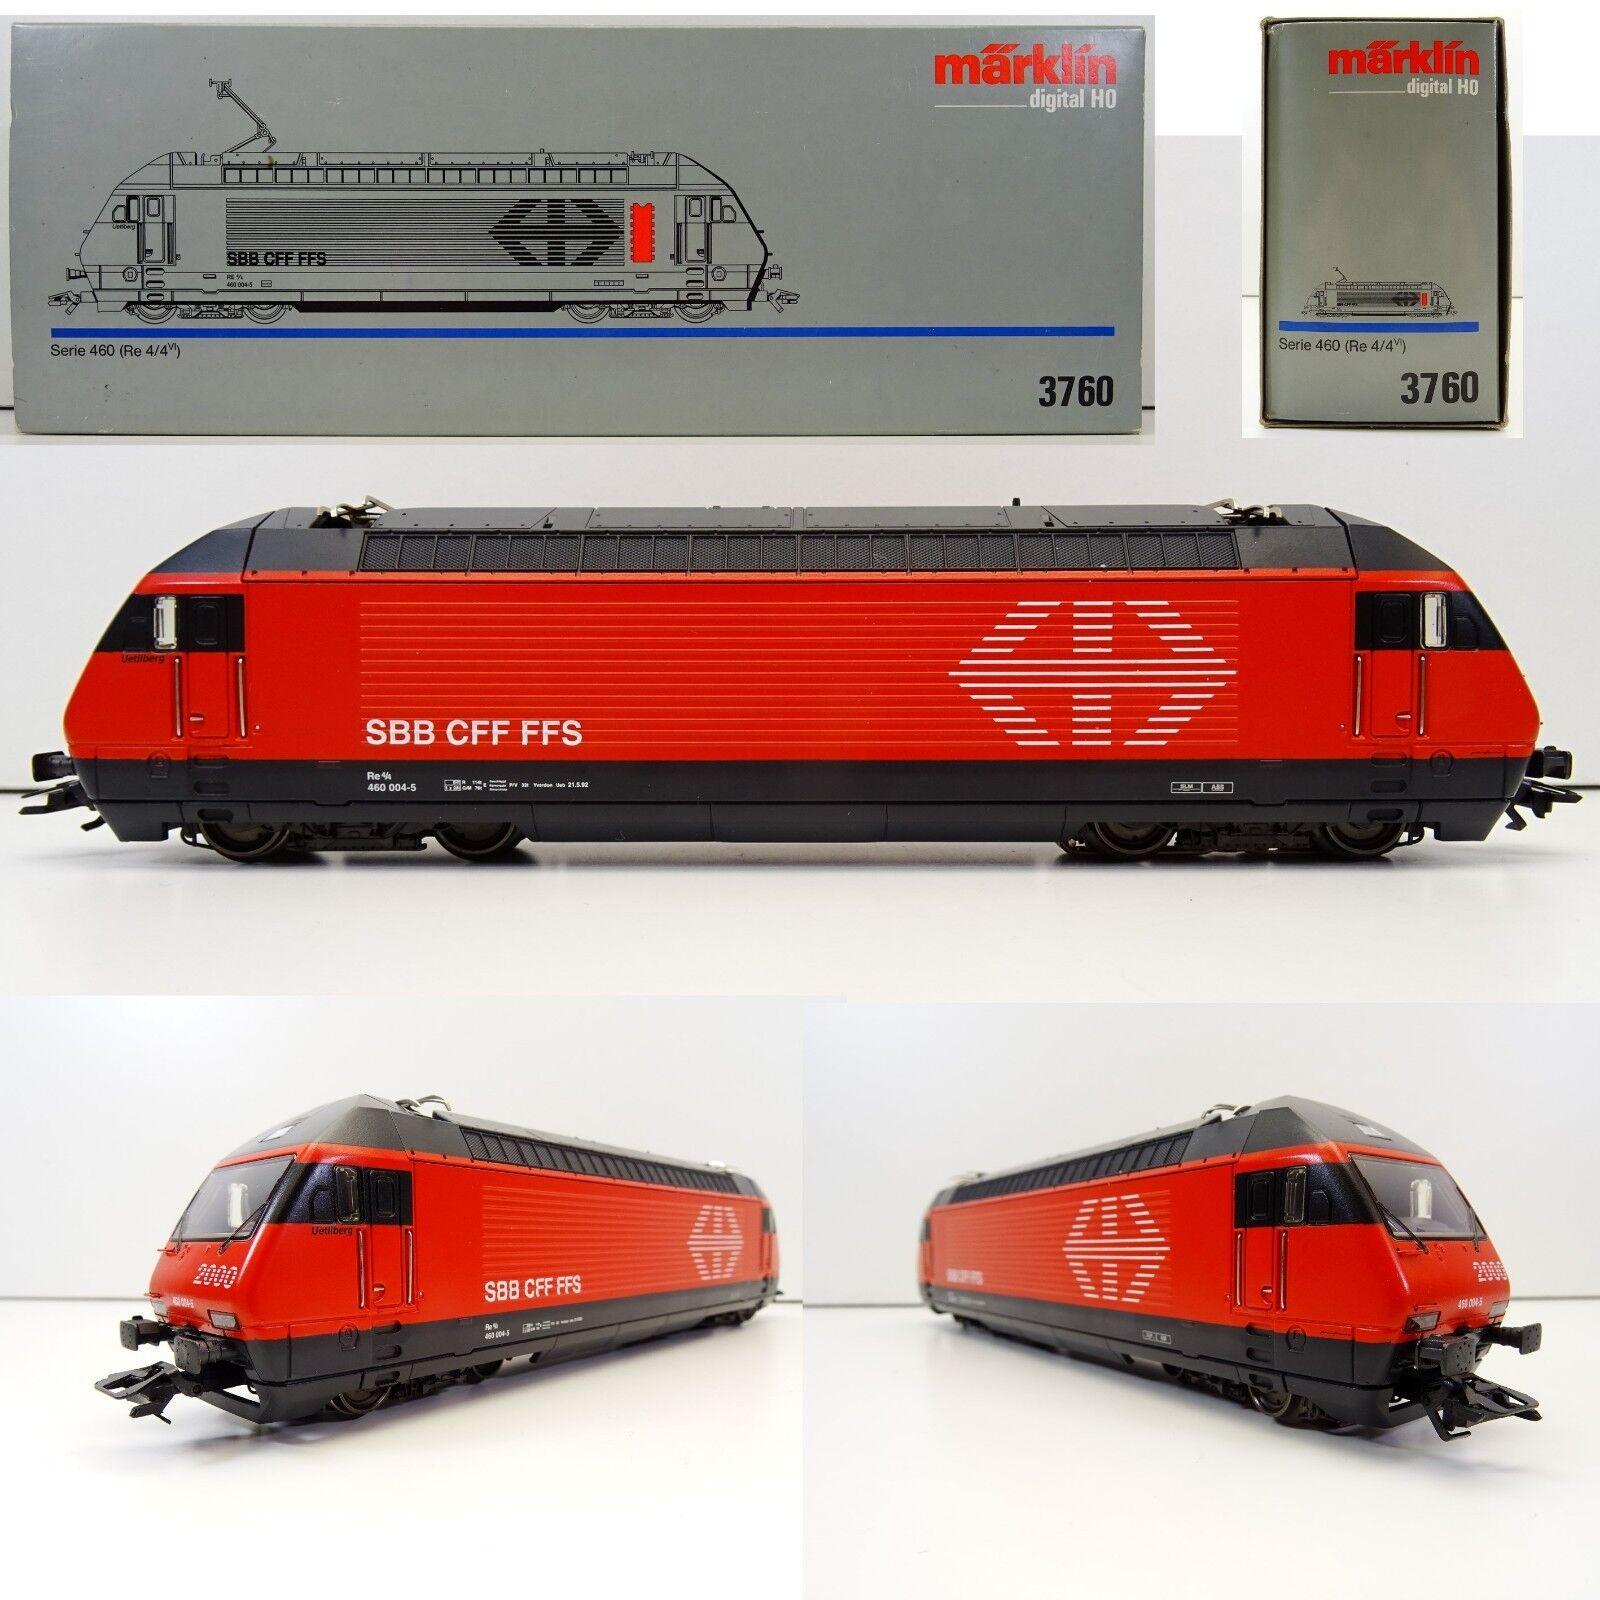 Märklin 3760 E-Lok serie 460 re 4/4 Uetliberg 460 004-5 SBB Digital OVP c3210